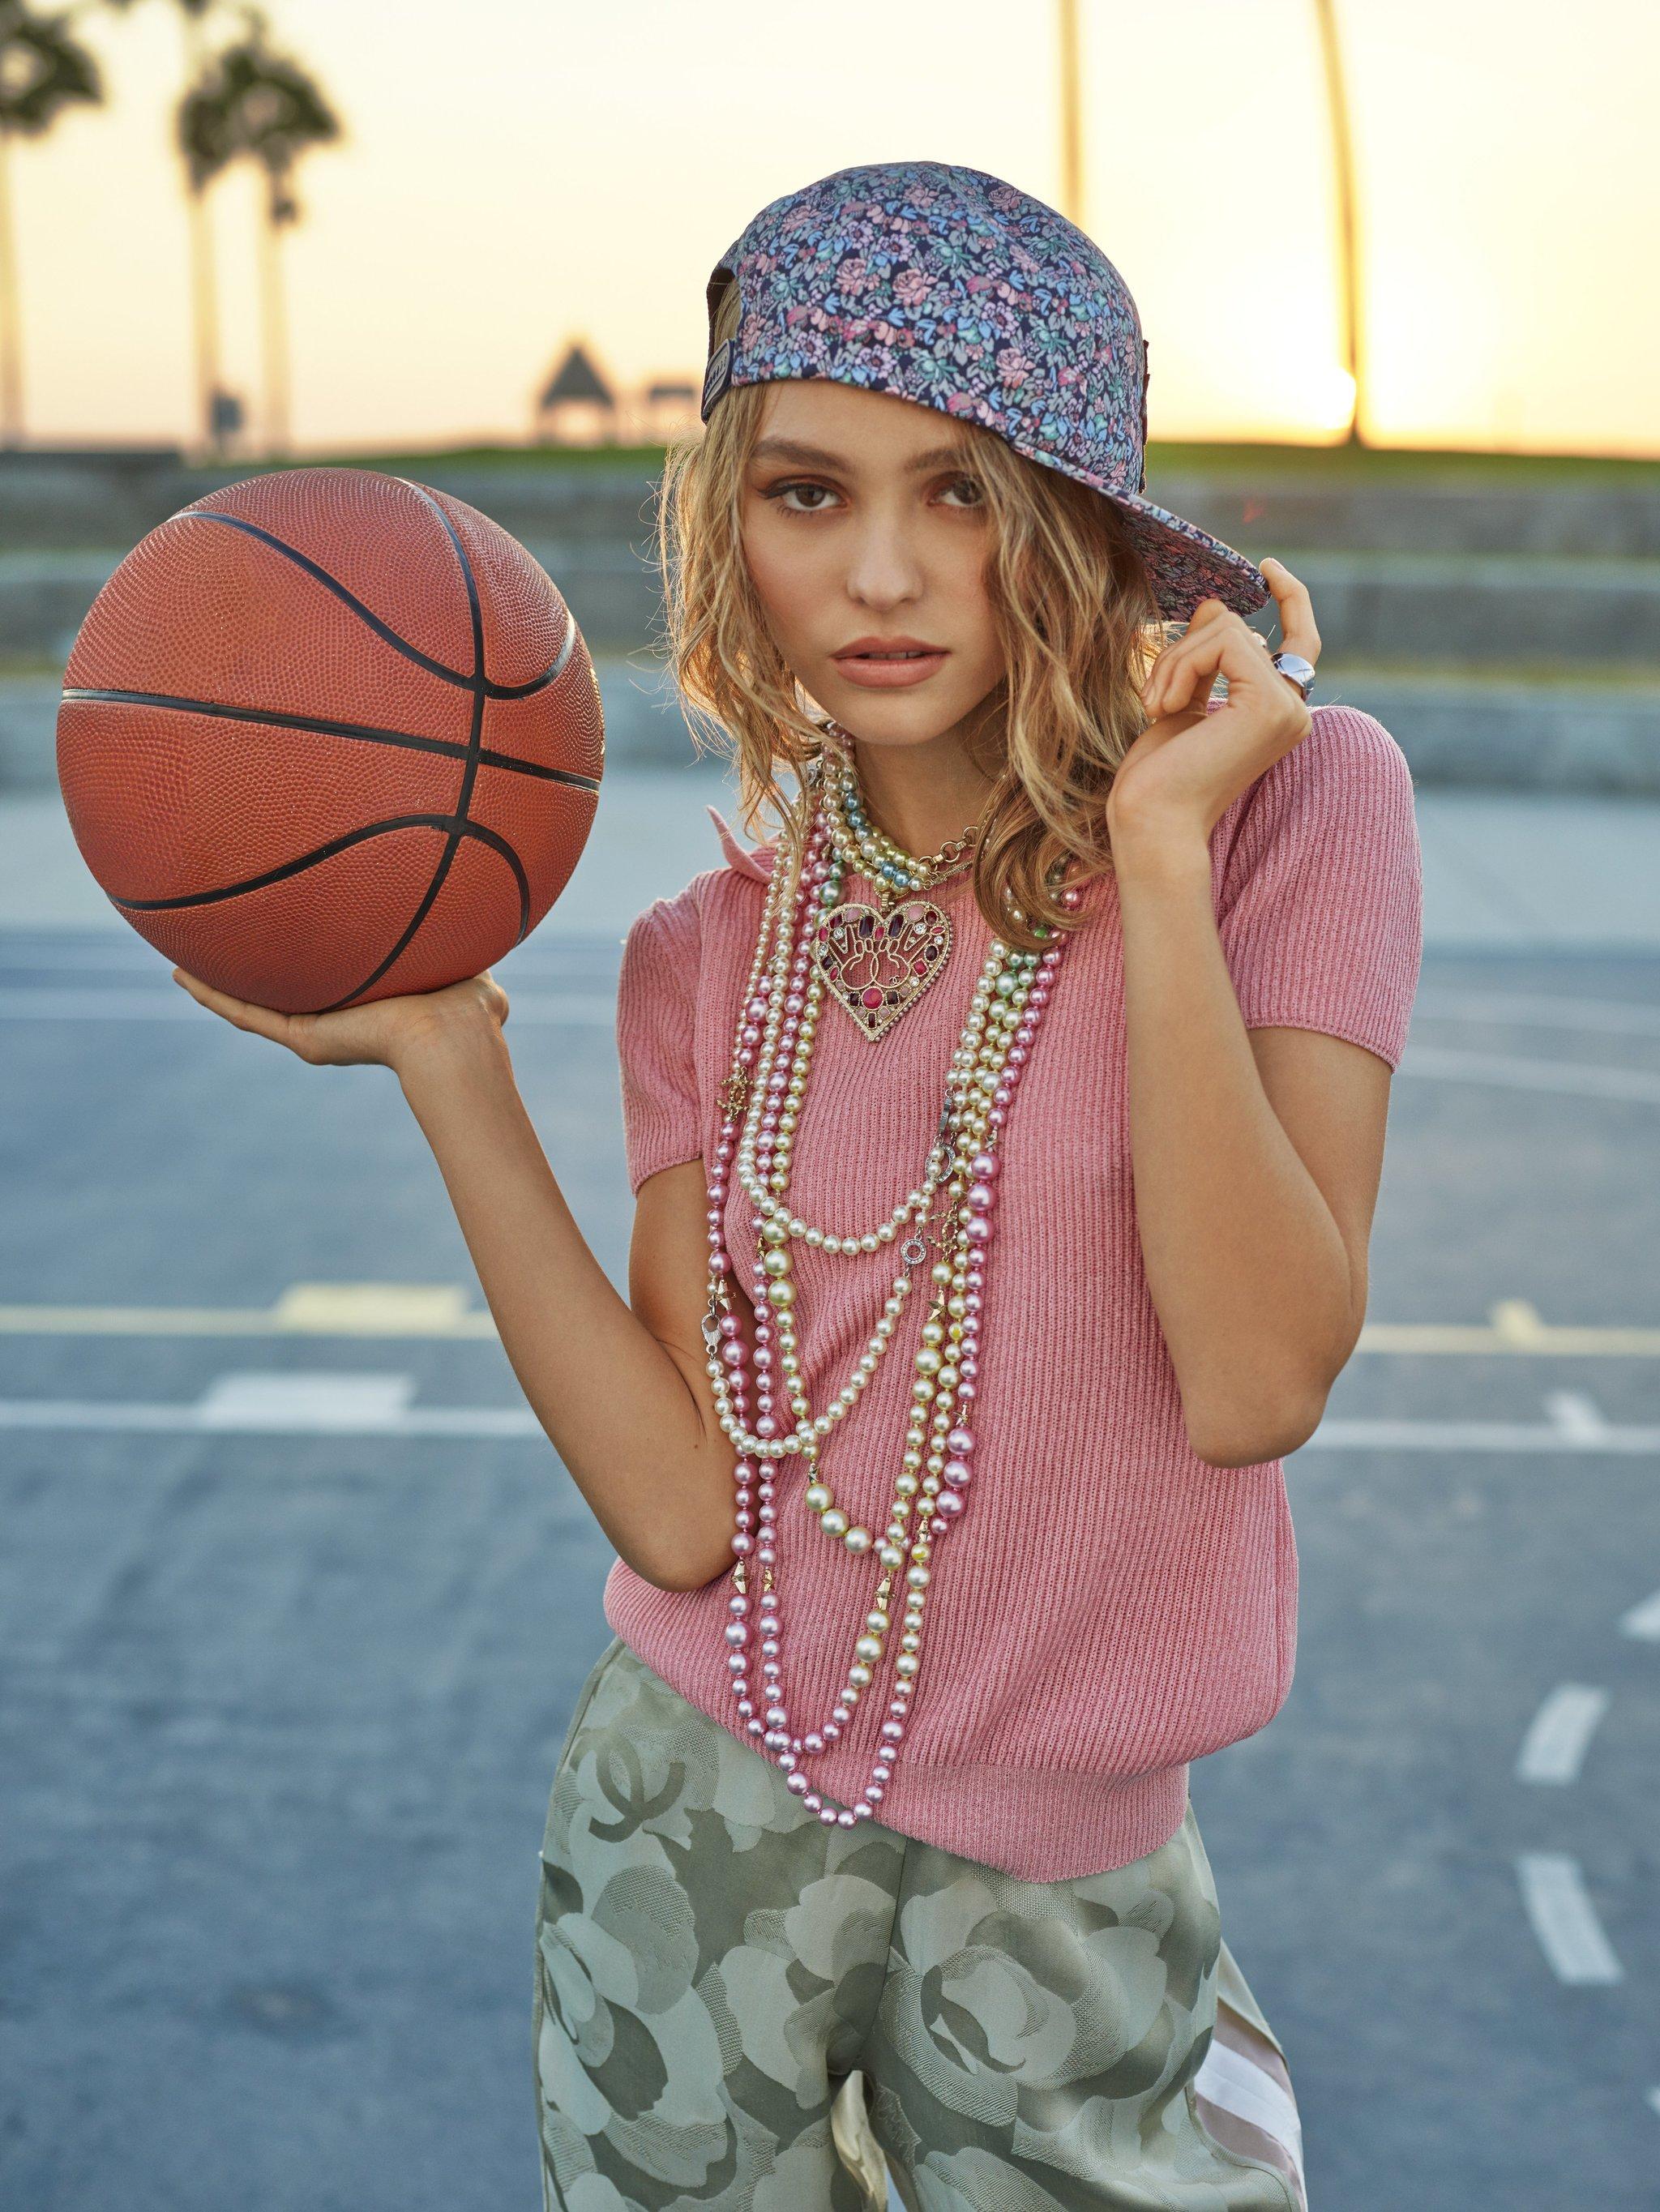 La hija de Vanessa Paradis y Johnny Depp durante el shooting en L.A.